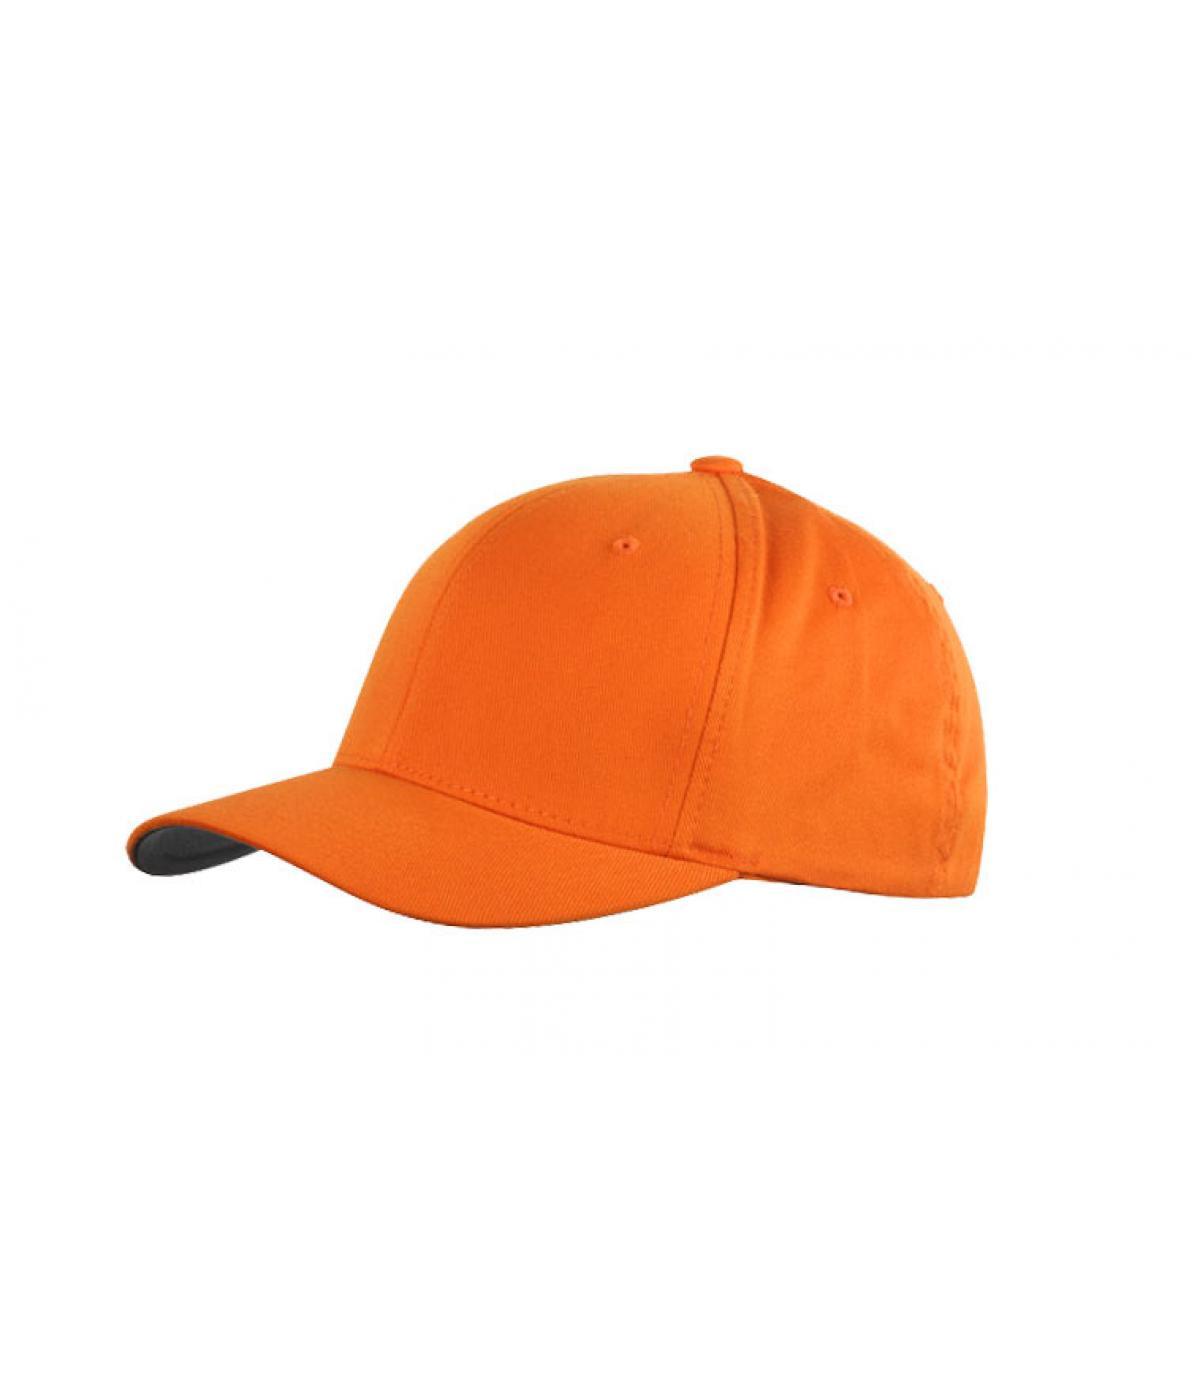 Détails Casquette orange flexfit - image 2